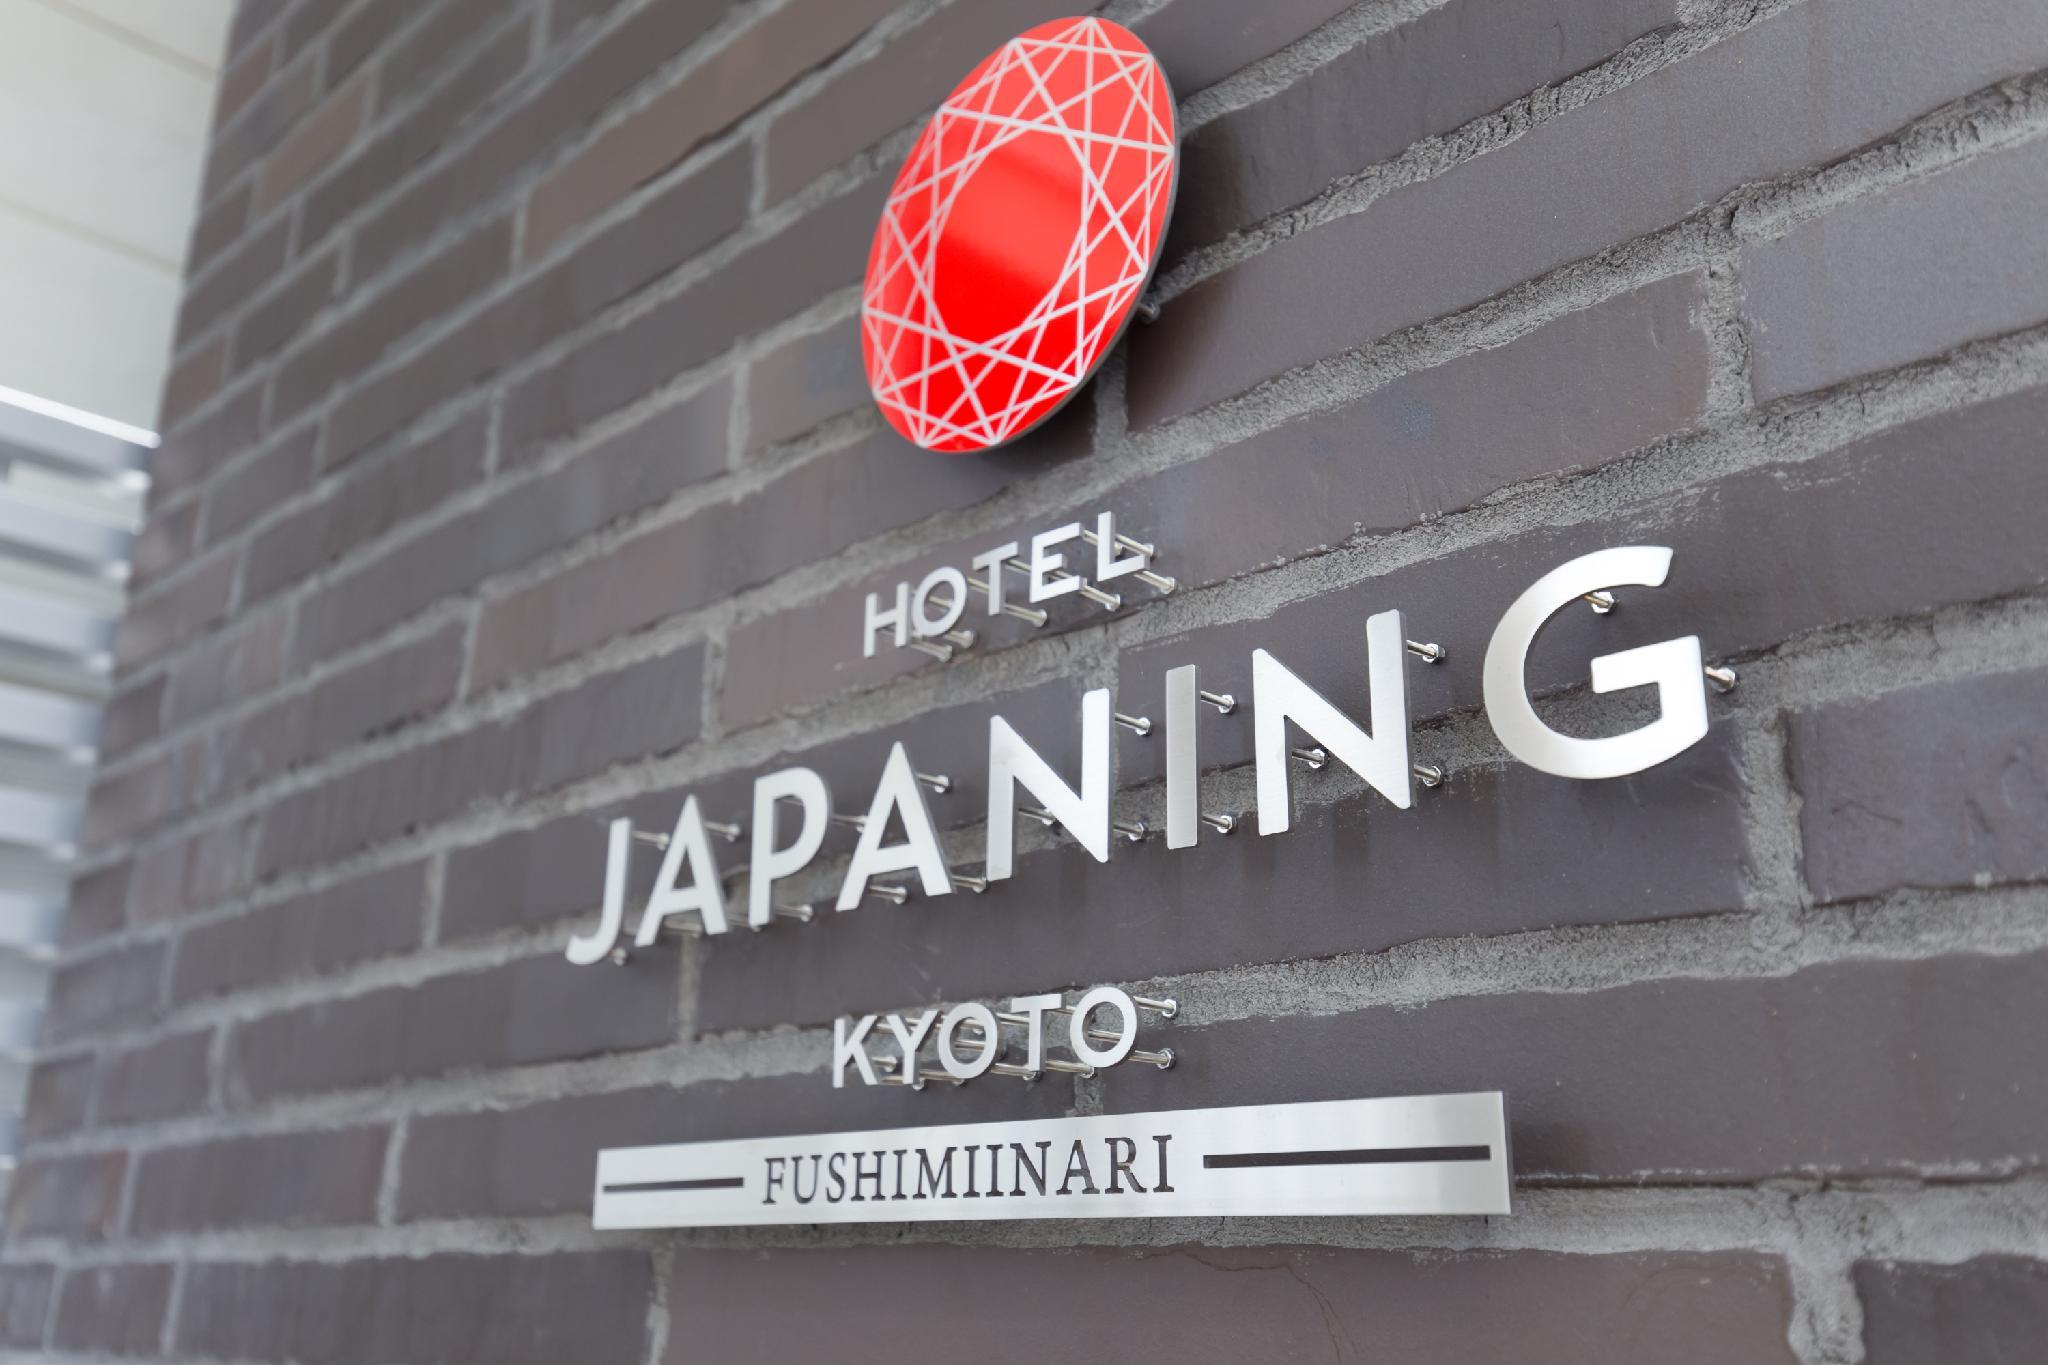 Japaning Hotel Fushimiinari